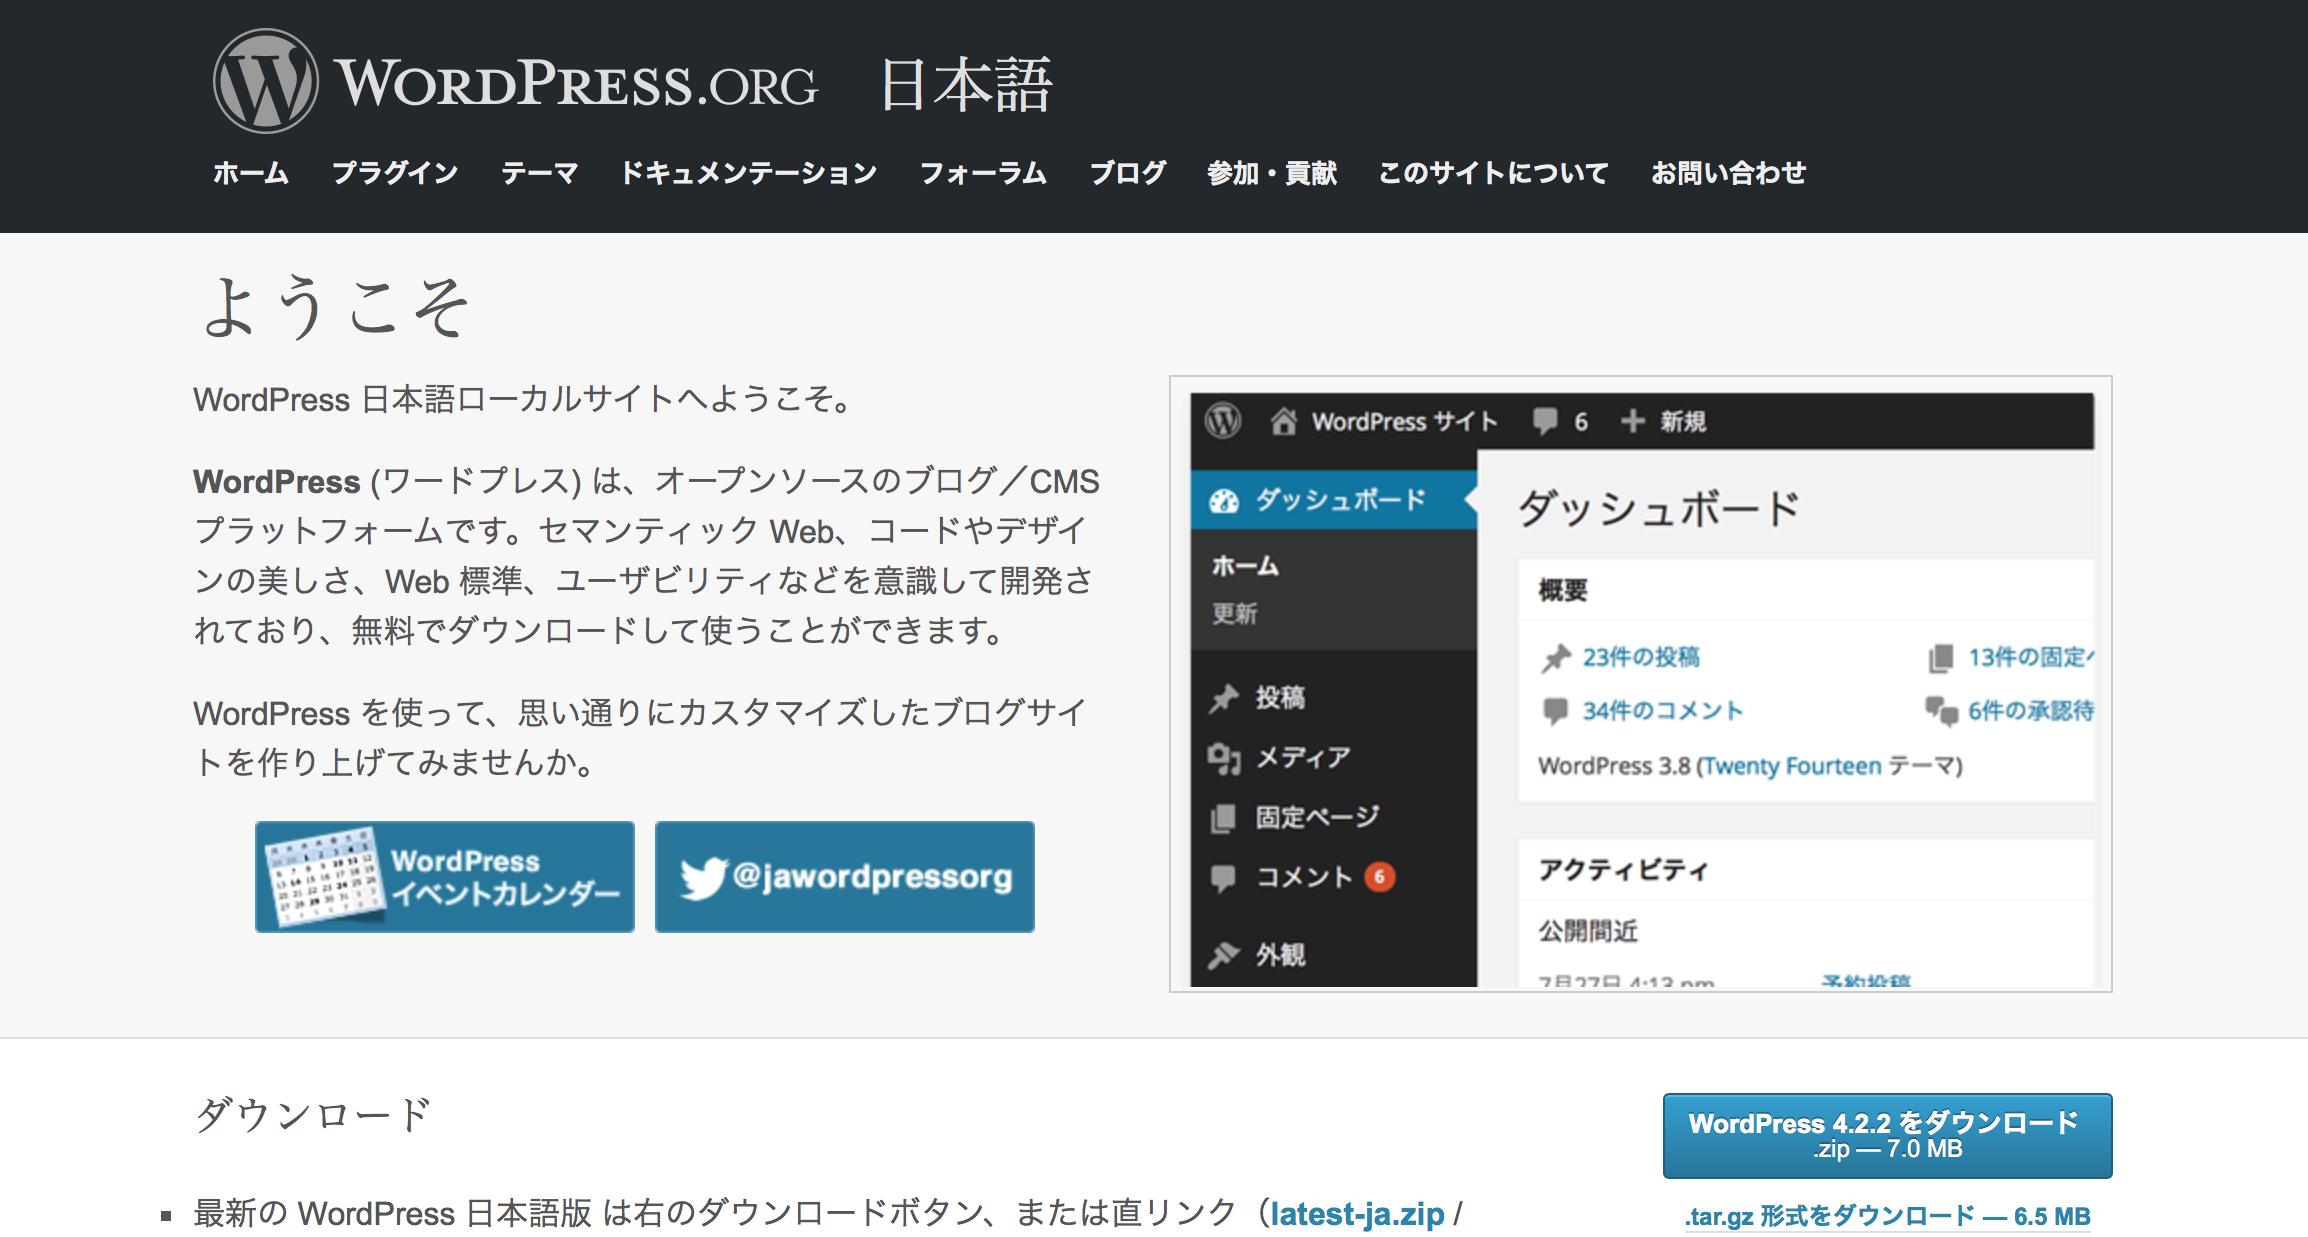 Wordpressローカル1